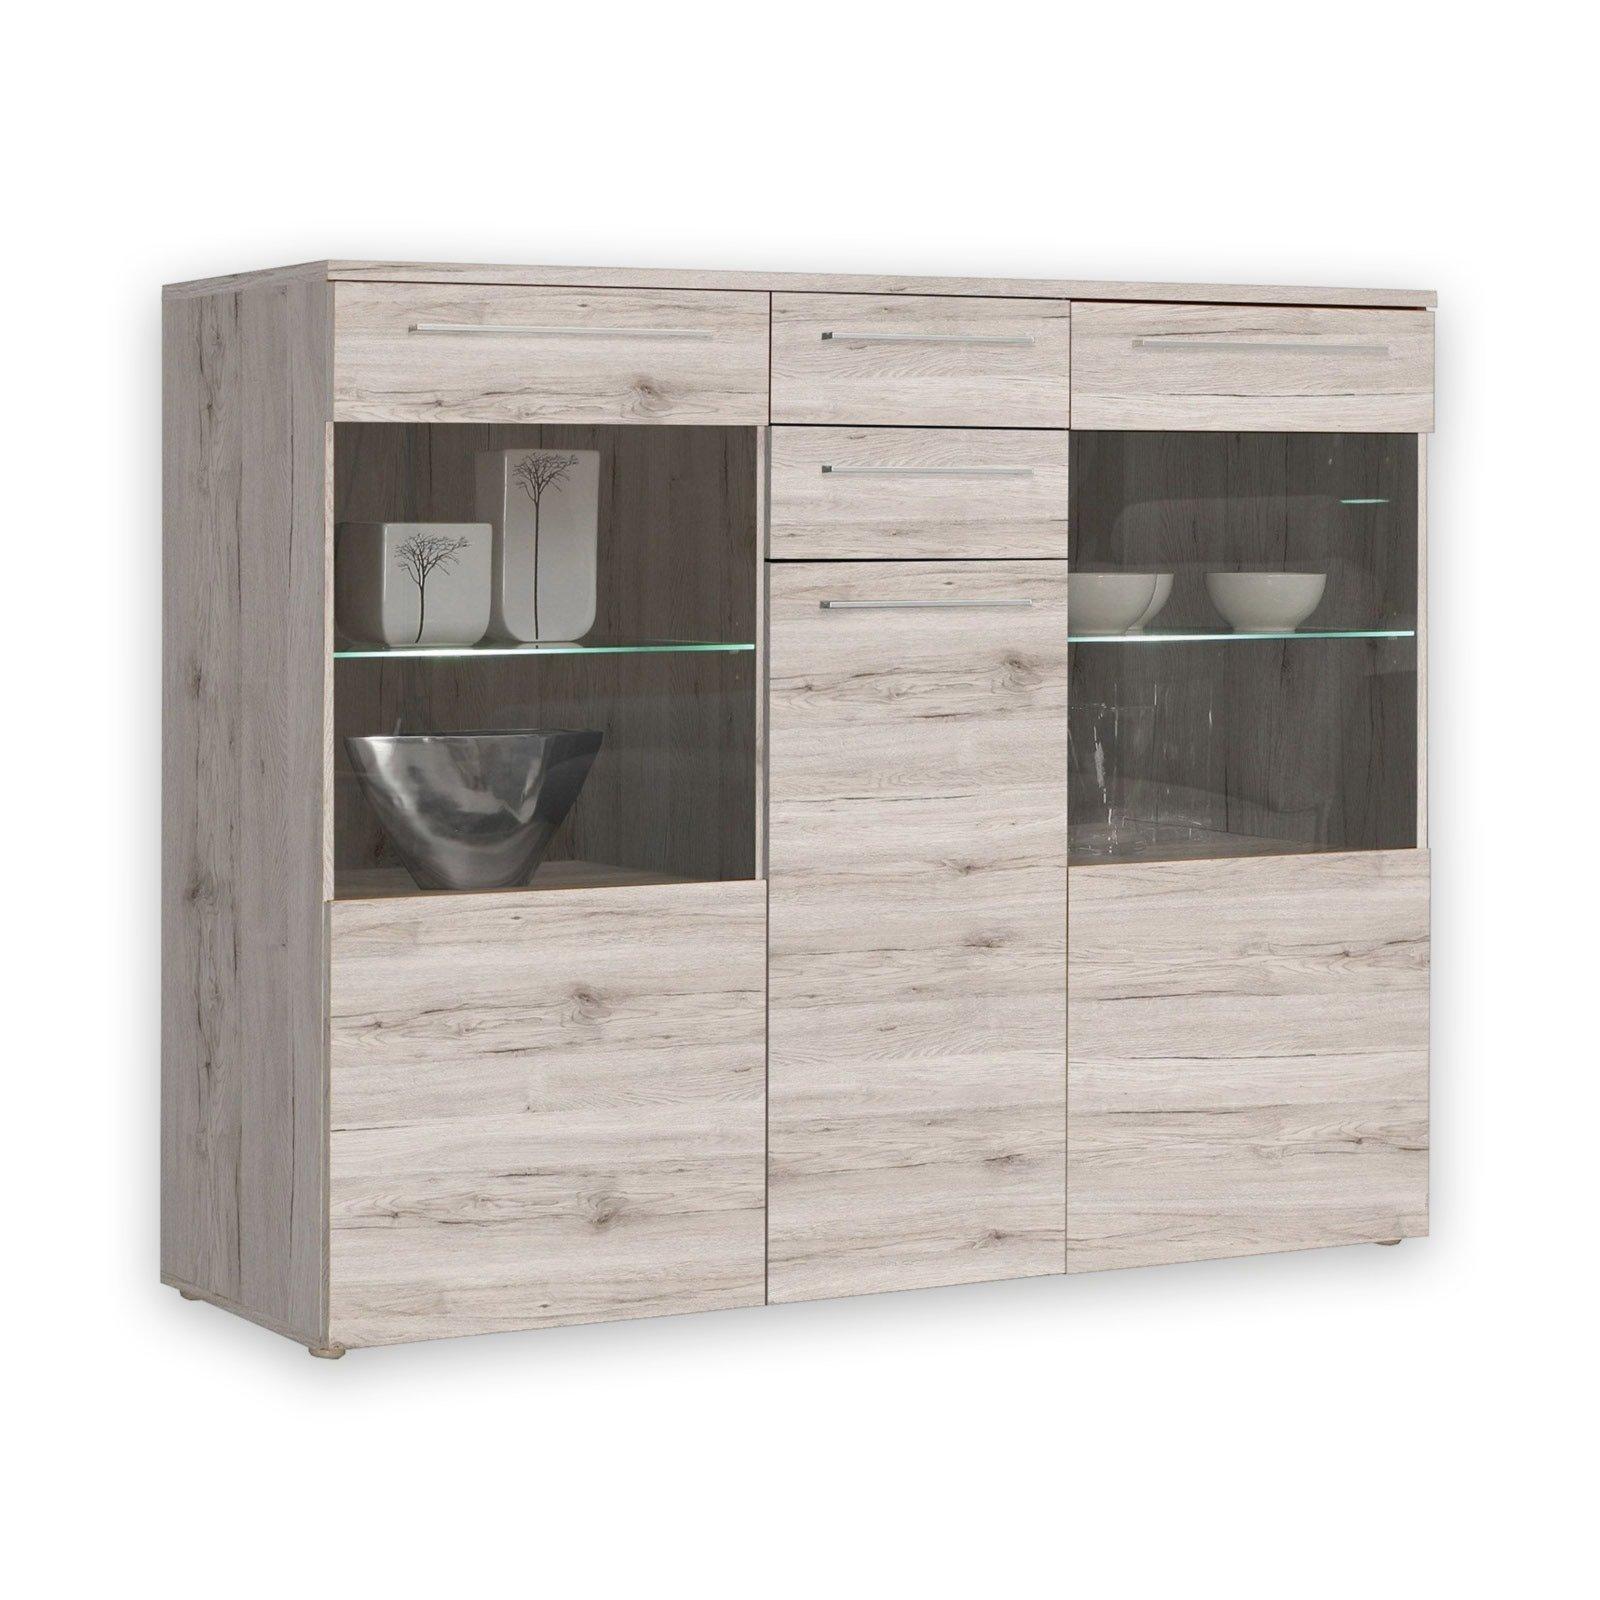 vitrine savoy sandeiche mit beleuchtung vitrinen wohnzimmer wohnbereiche roller. Black Bedroom Furniture Sets. Home Design Ideas